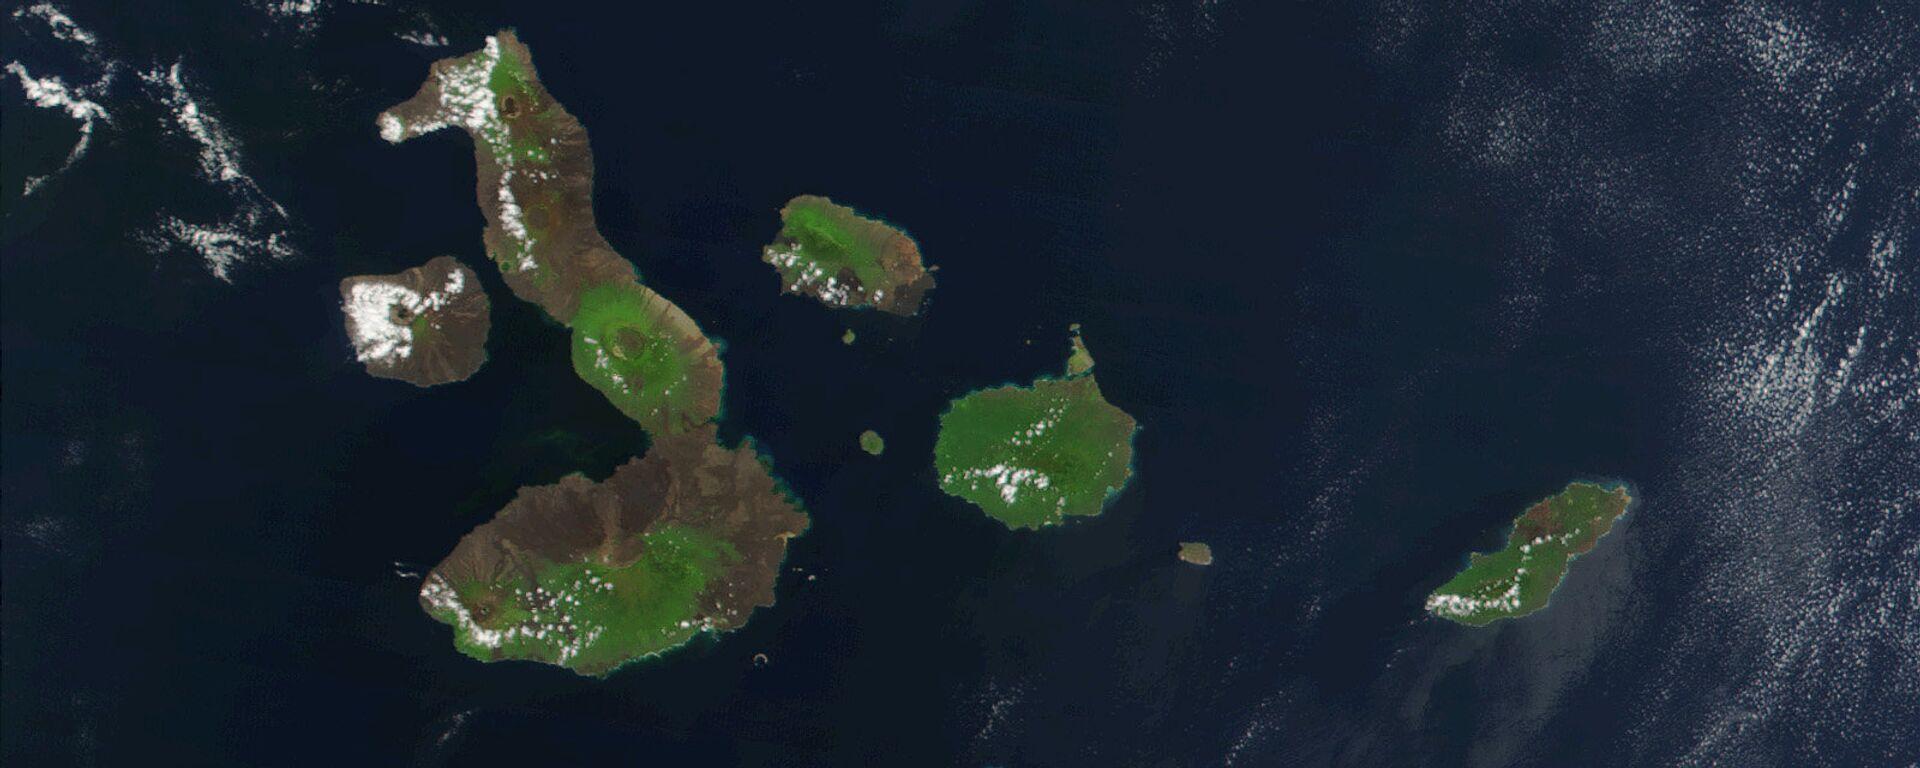 Las Islas Galápagos - Sputnik Mundo, 1920, 05.07.2021